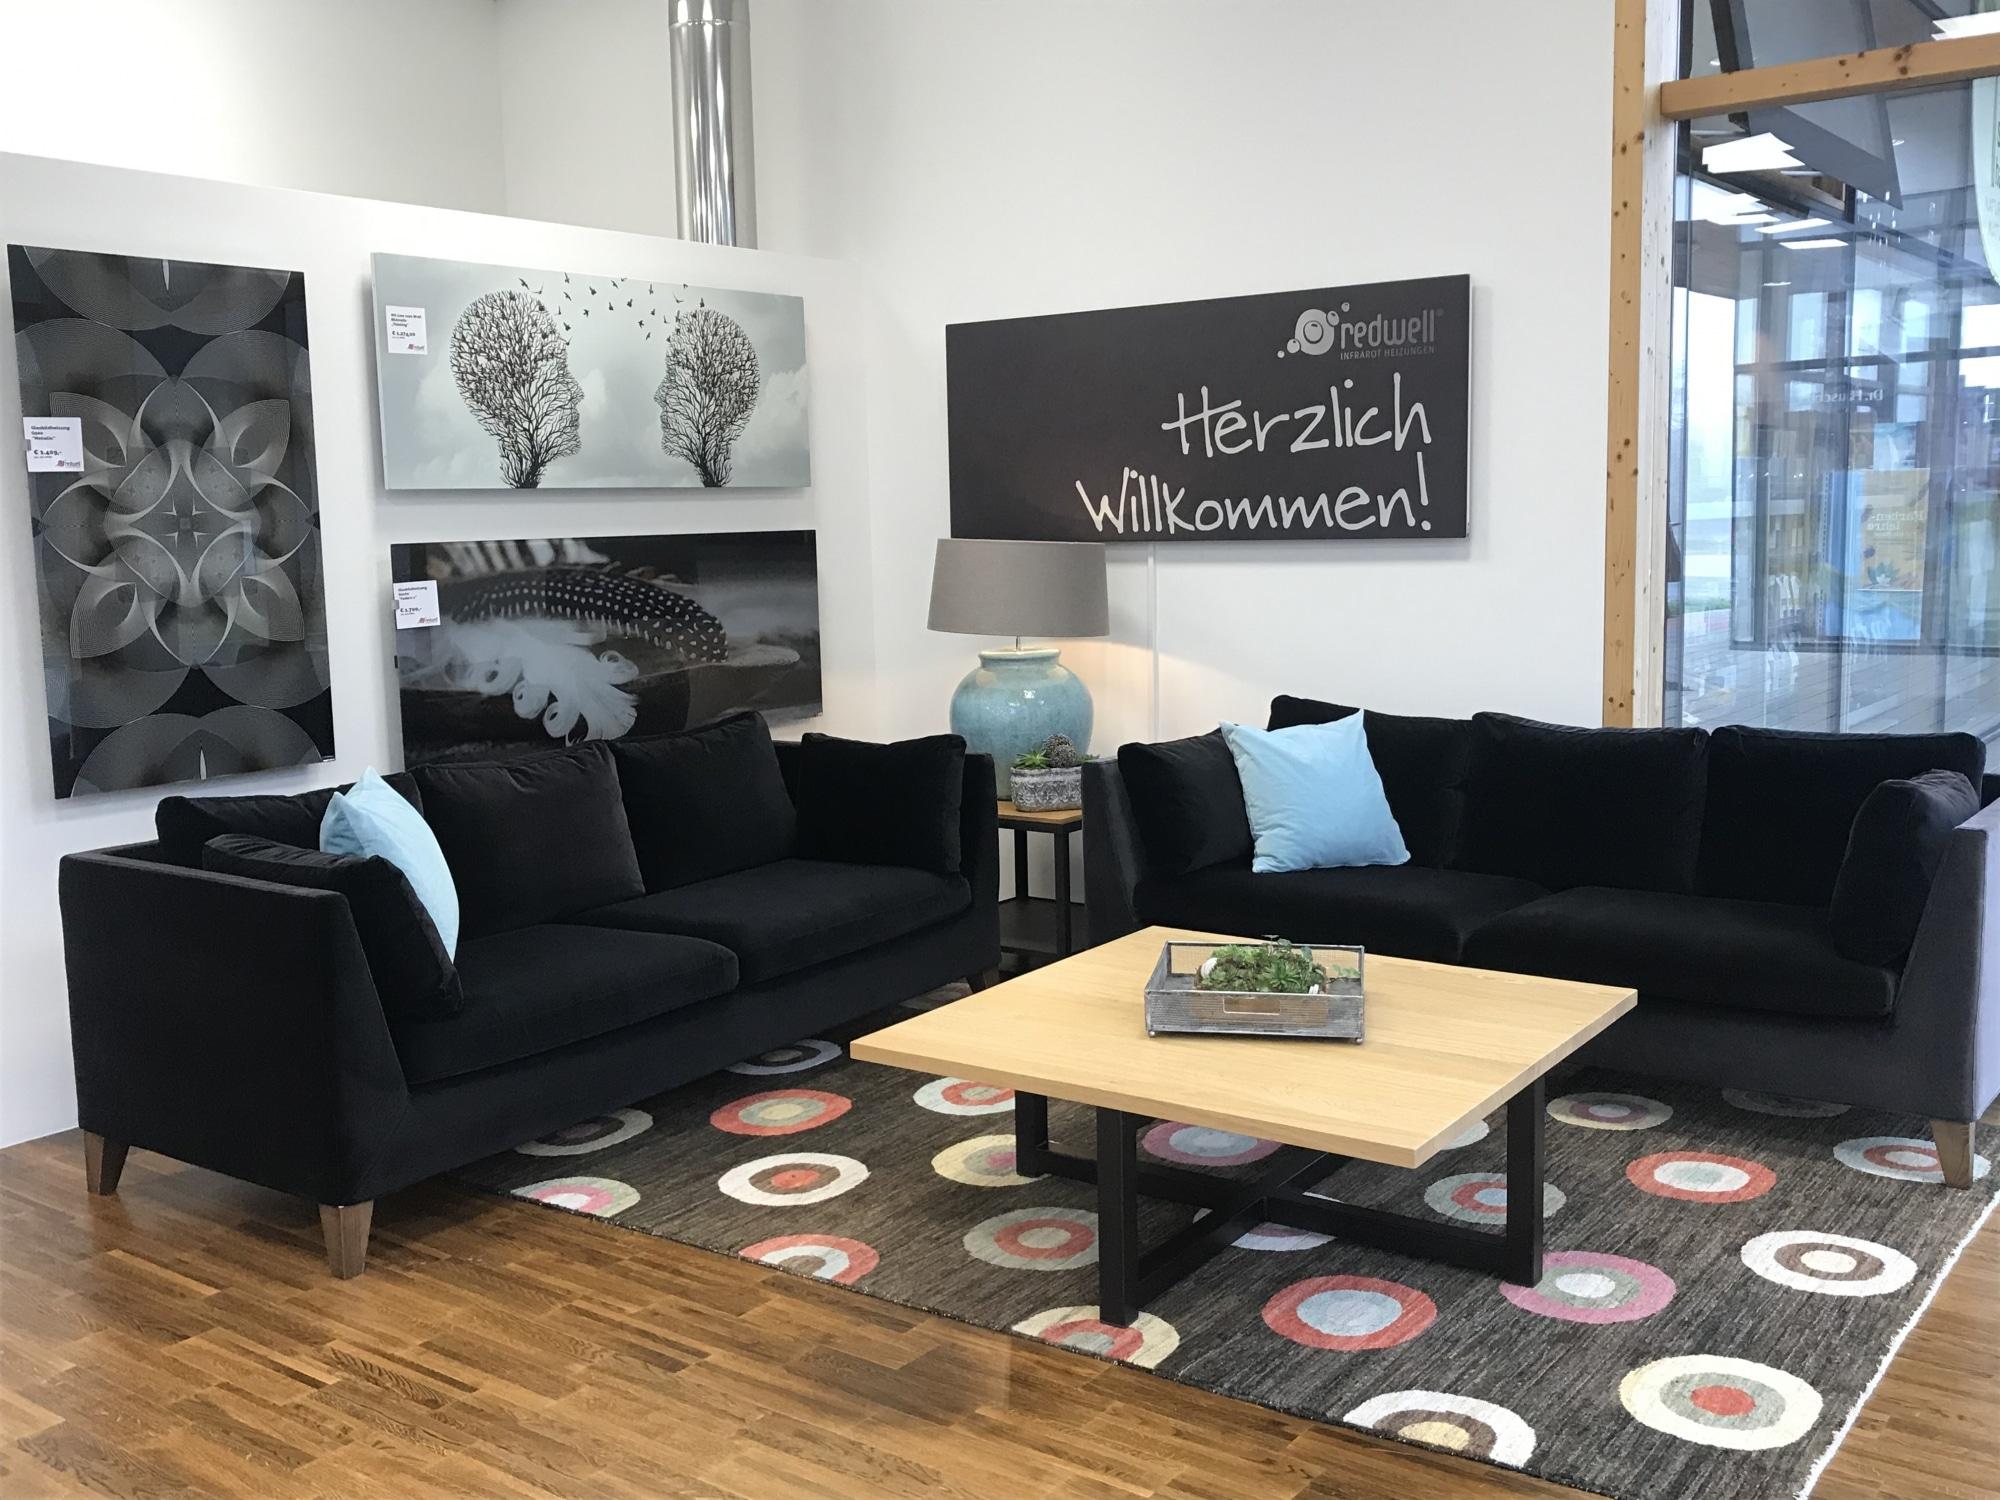 Der Eingangsbereich des neuen Redwell Flagship-Stores in Hartberg mit schwarzen Sofas und Infrarotbildheizungen.